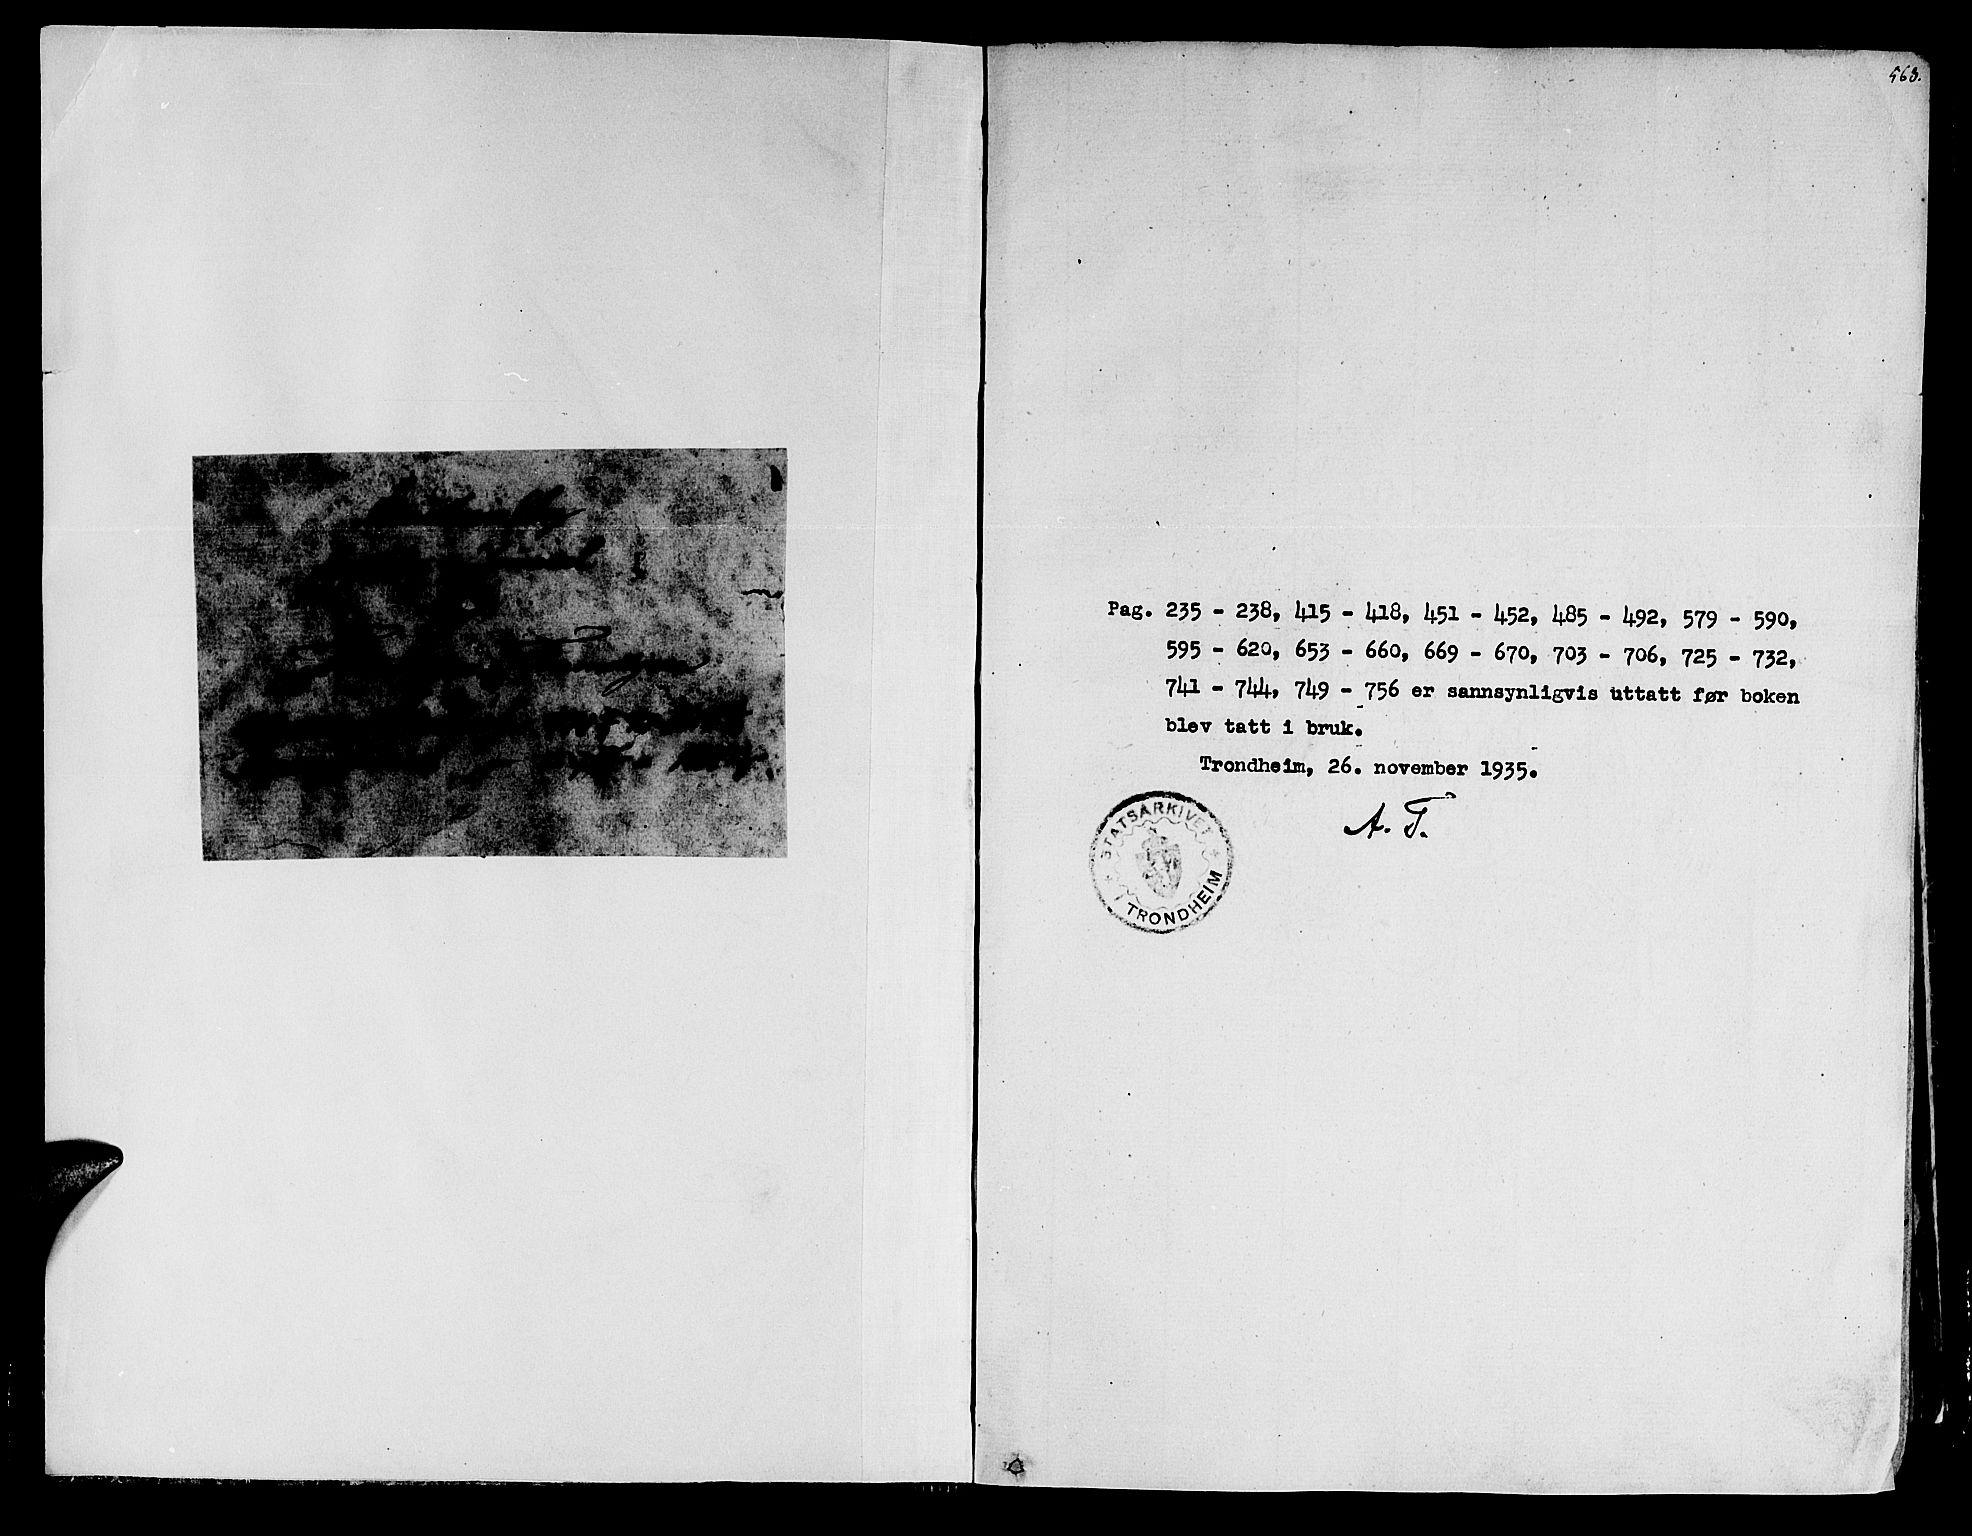 SAT, Ministerialprotokoller, klokkerbøker og fødselsregistre - Sør-Trøndelag, 602/L0105: Ministerialbok nr. 602A03, 1774-1814, s. 563